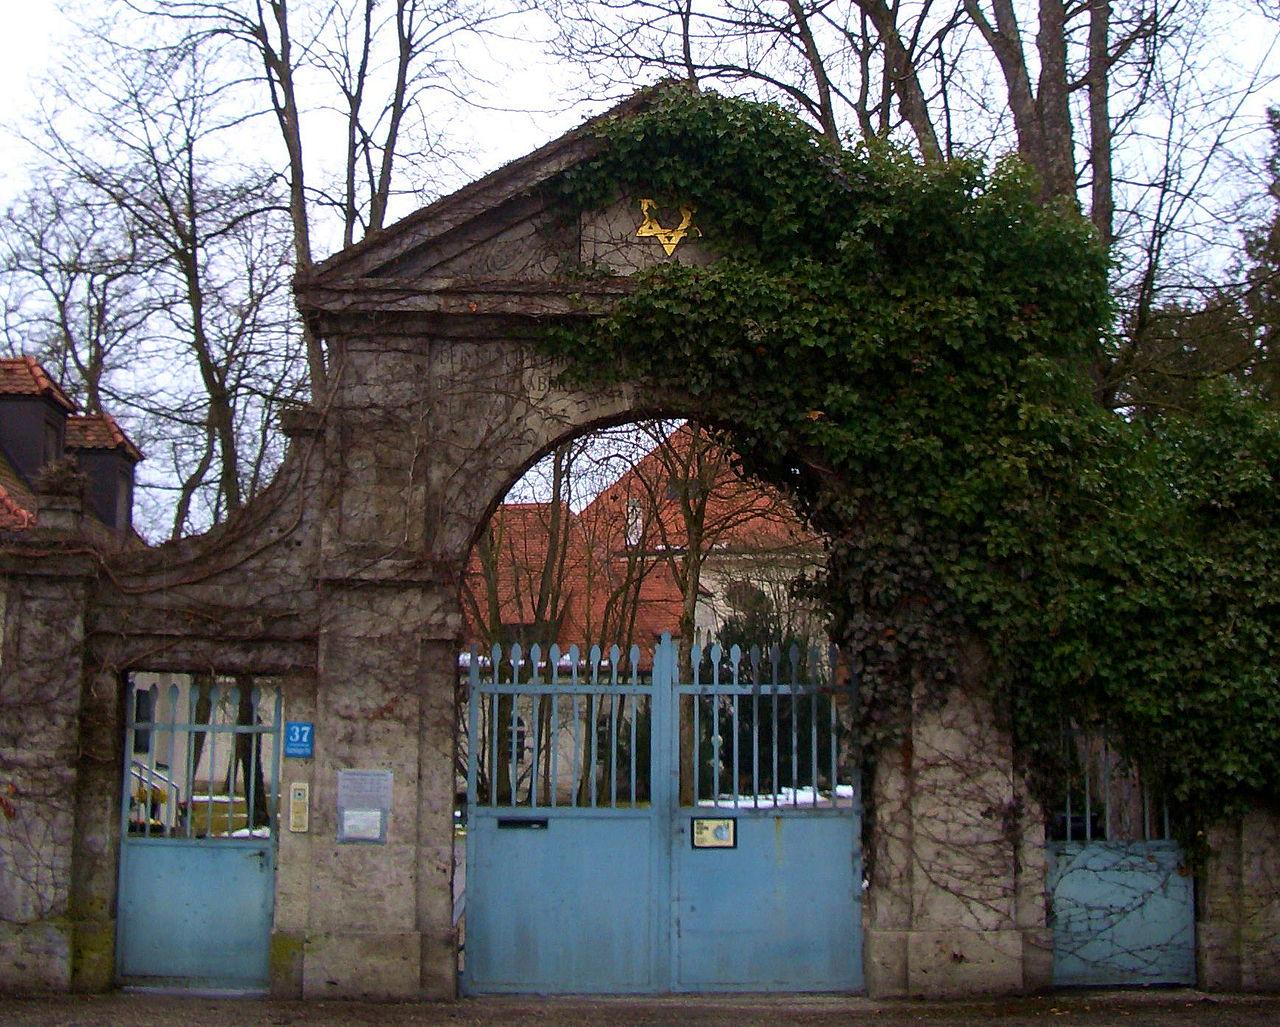 Neuer Israelitischer Friedhof München Eingang.JPG